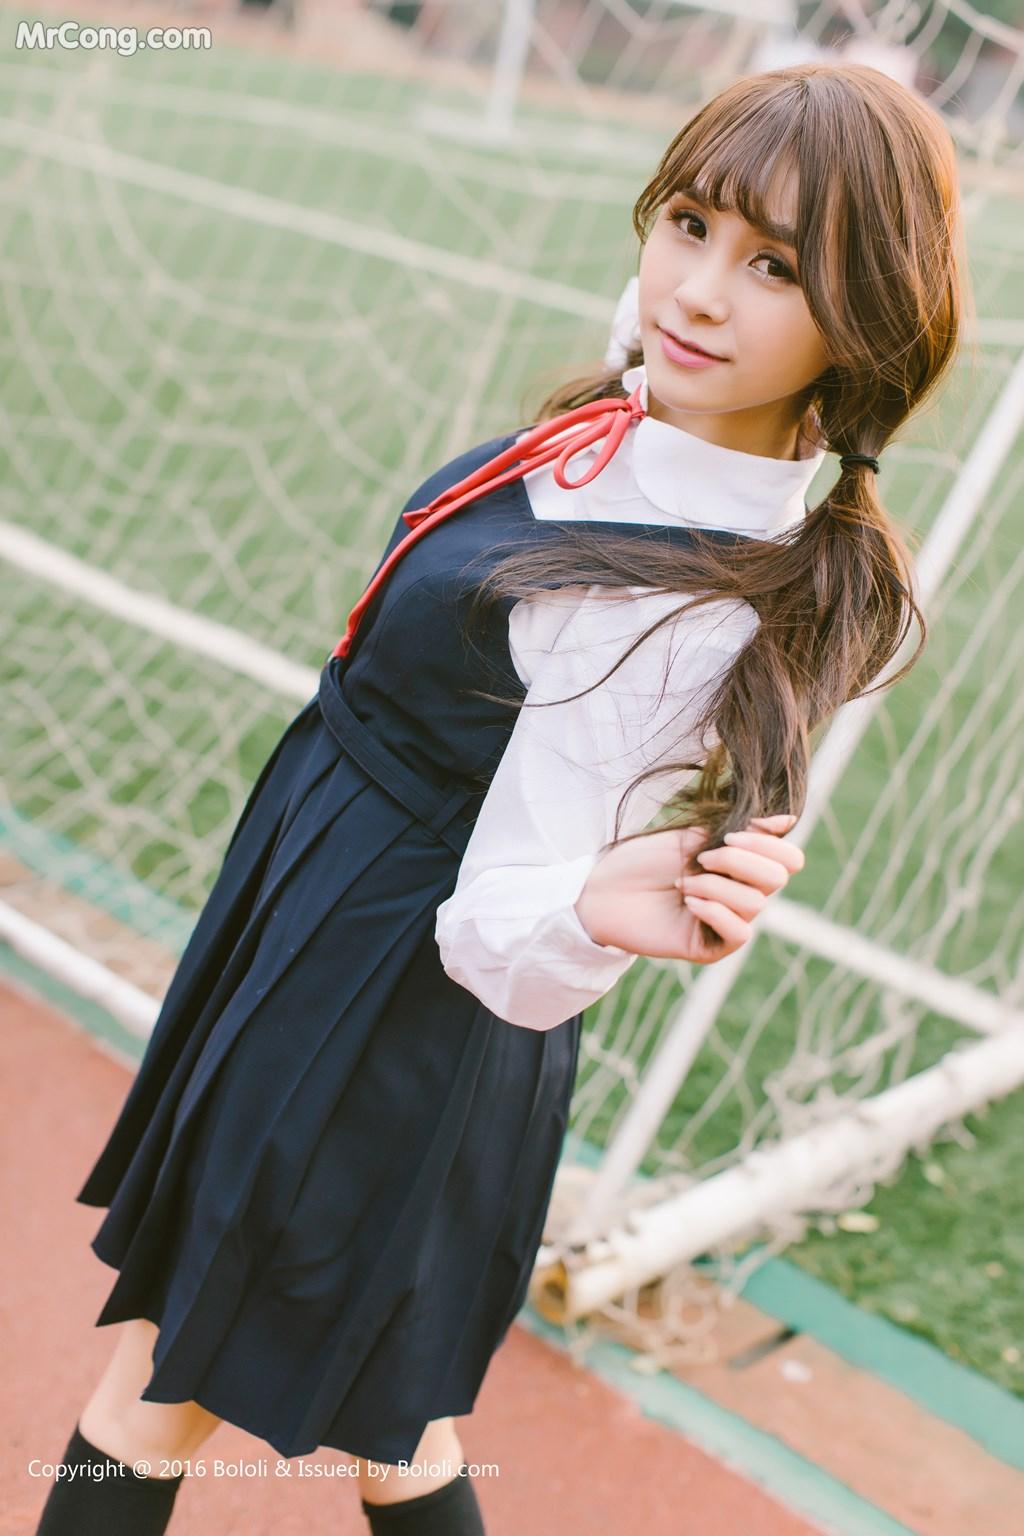 Image Tukmo-Vol.113-Xia-Mei-Jiang-MrCong.com-007 in post Tukmo Vol.113: Người mẫu Xia Mei Jiang (夏美酱) (63 ảnh)